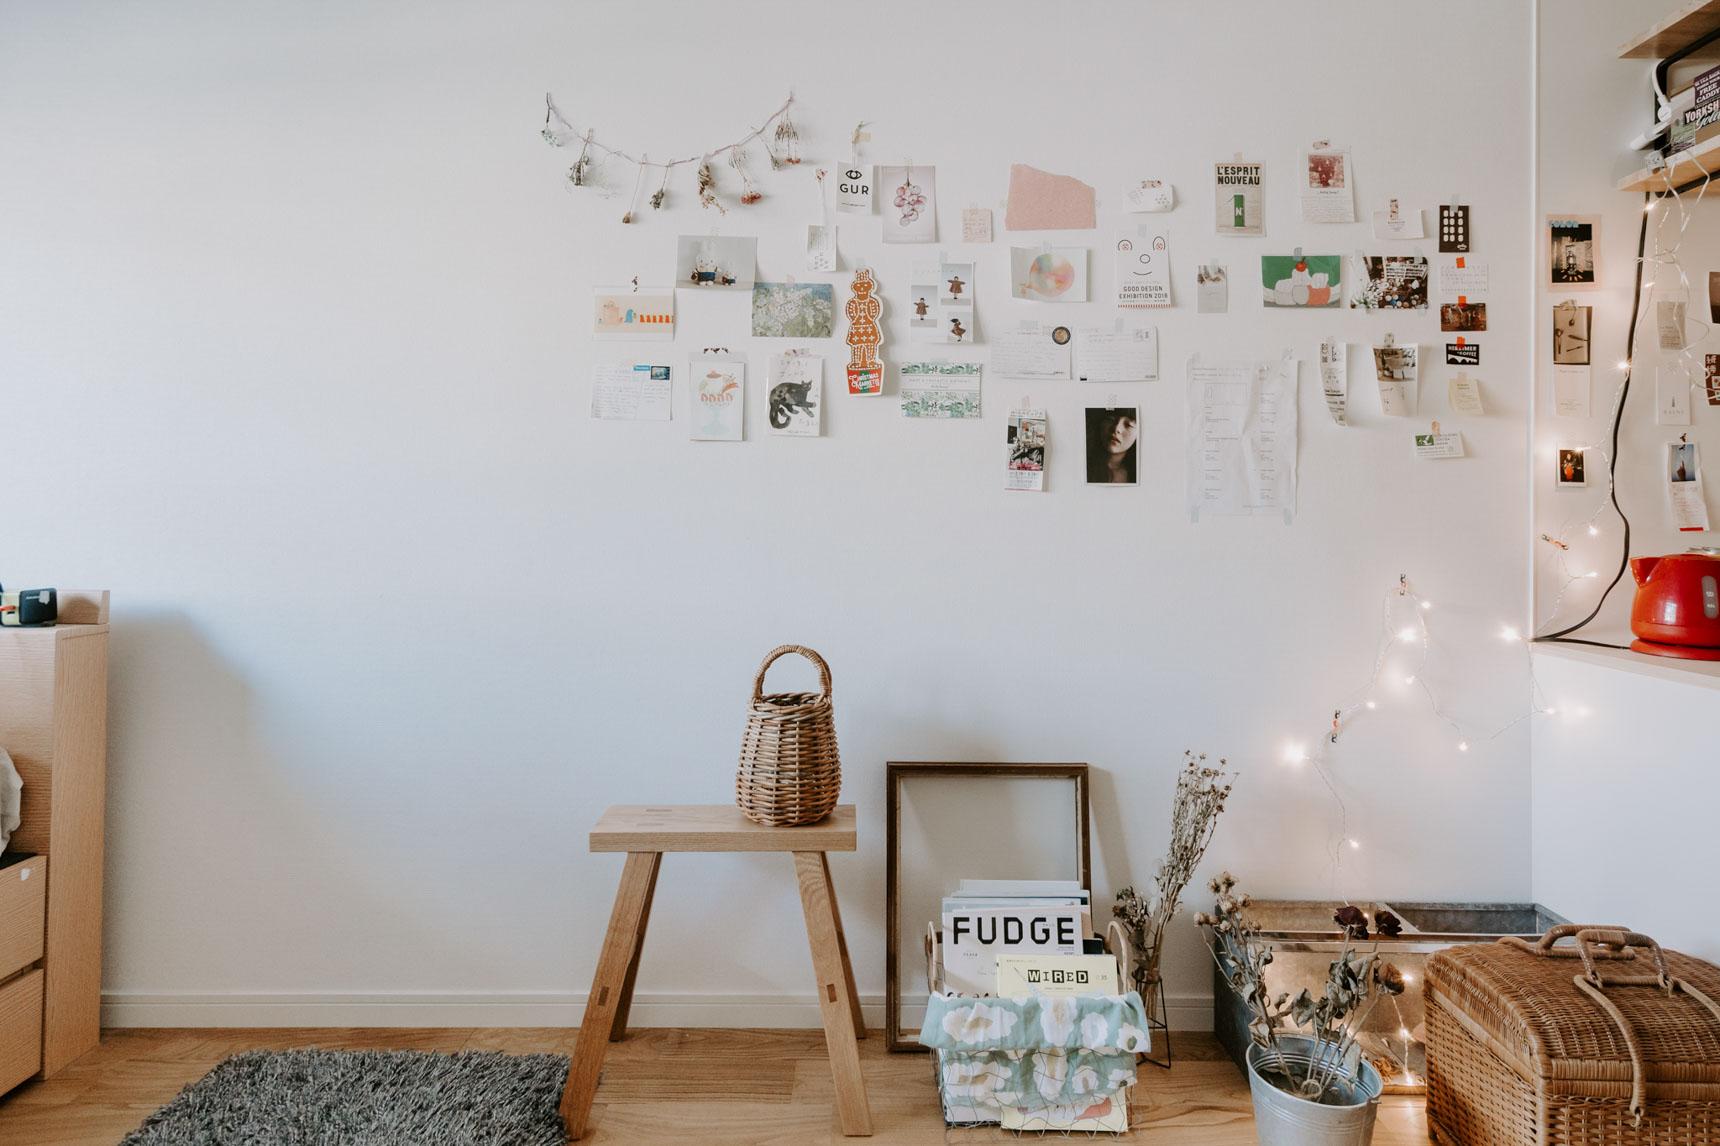 こんな時だから、部屋を少しすっきりさせませんか?「持たない暮らし」のためにすぐできる10のアイディア